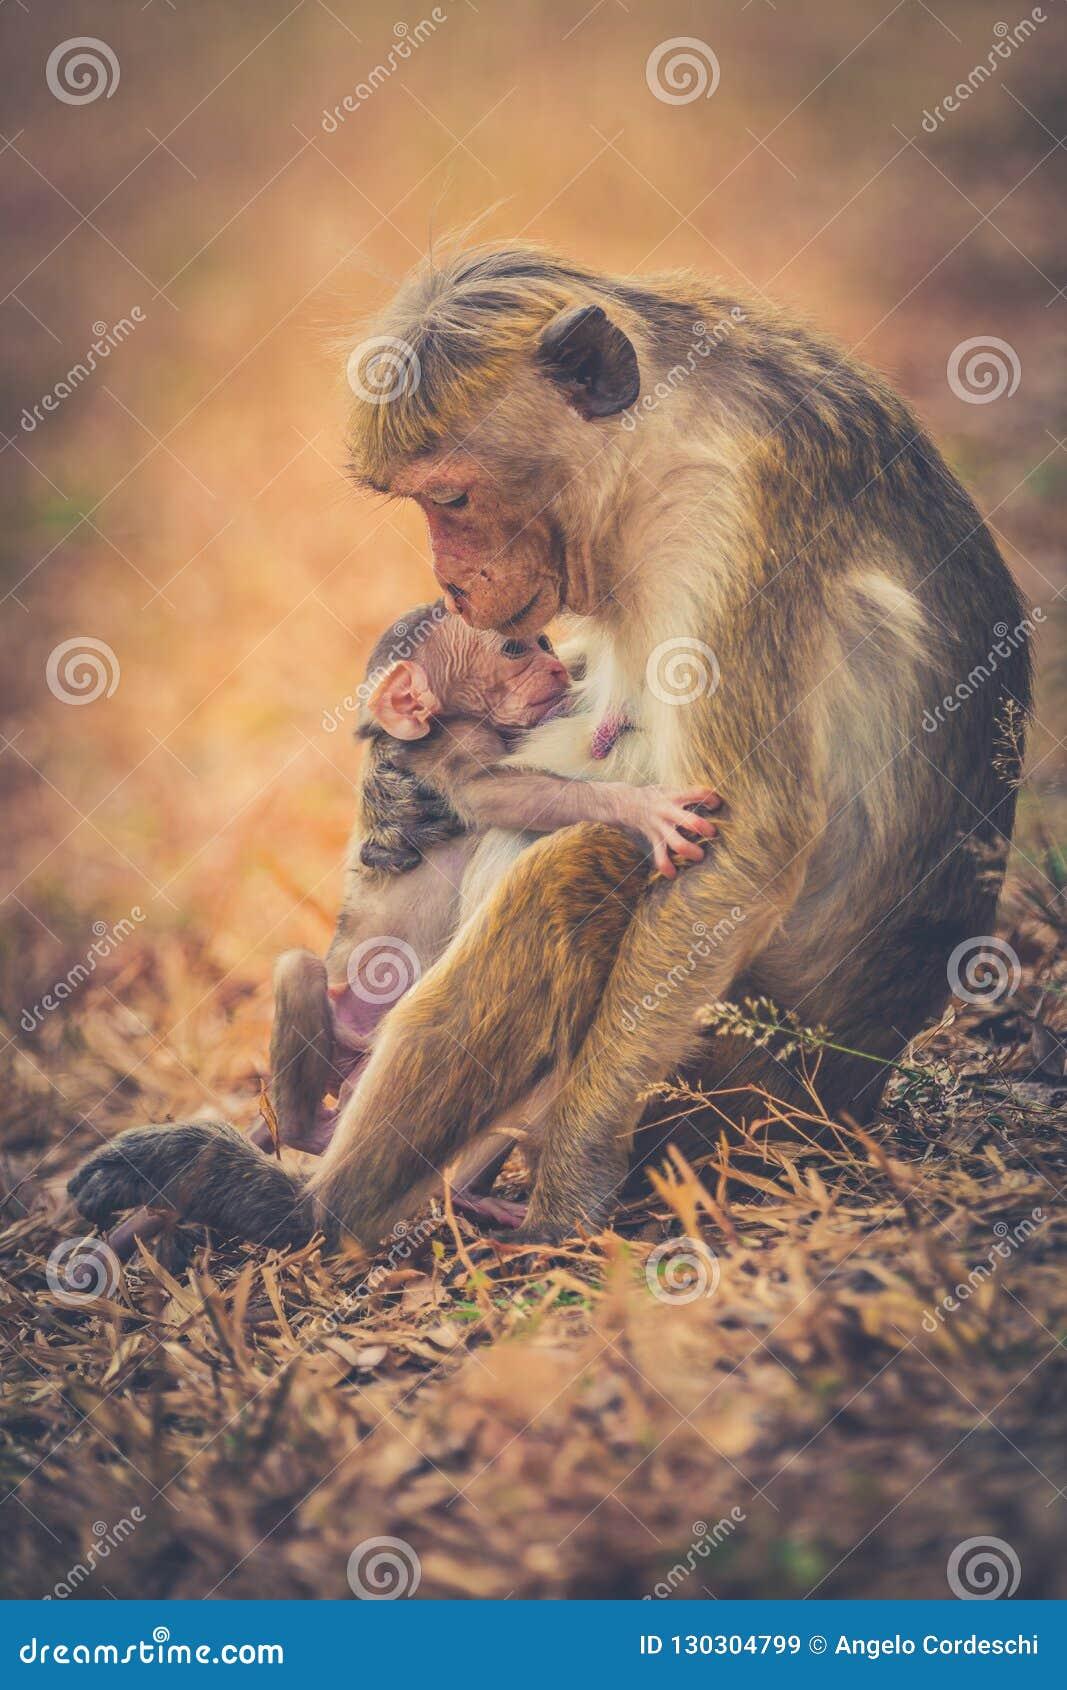 Aapmamma met zoonspuppy Bonnet macaque apen